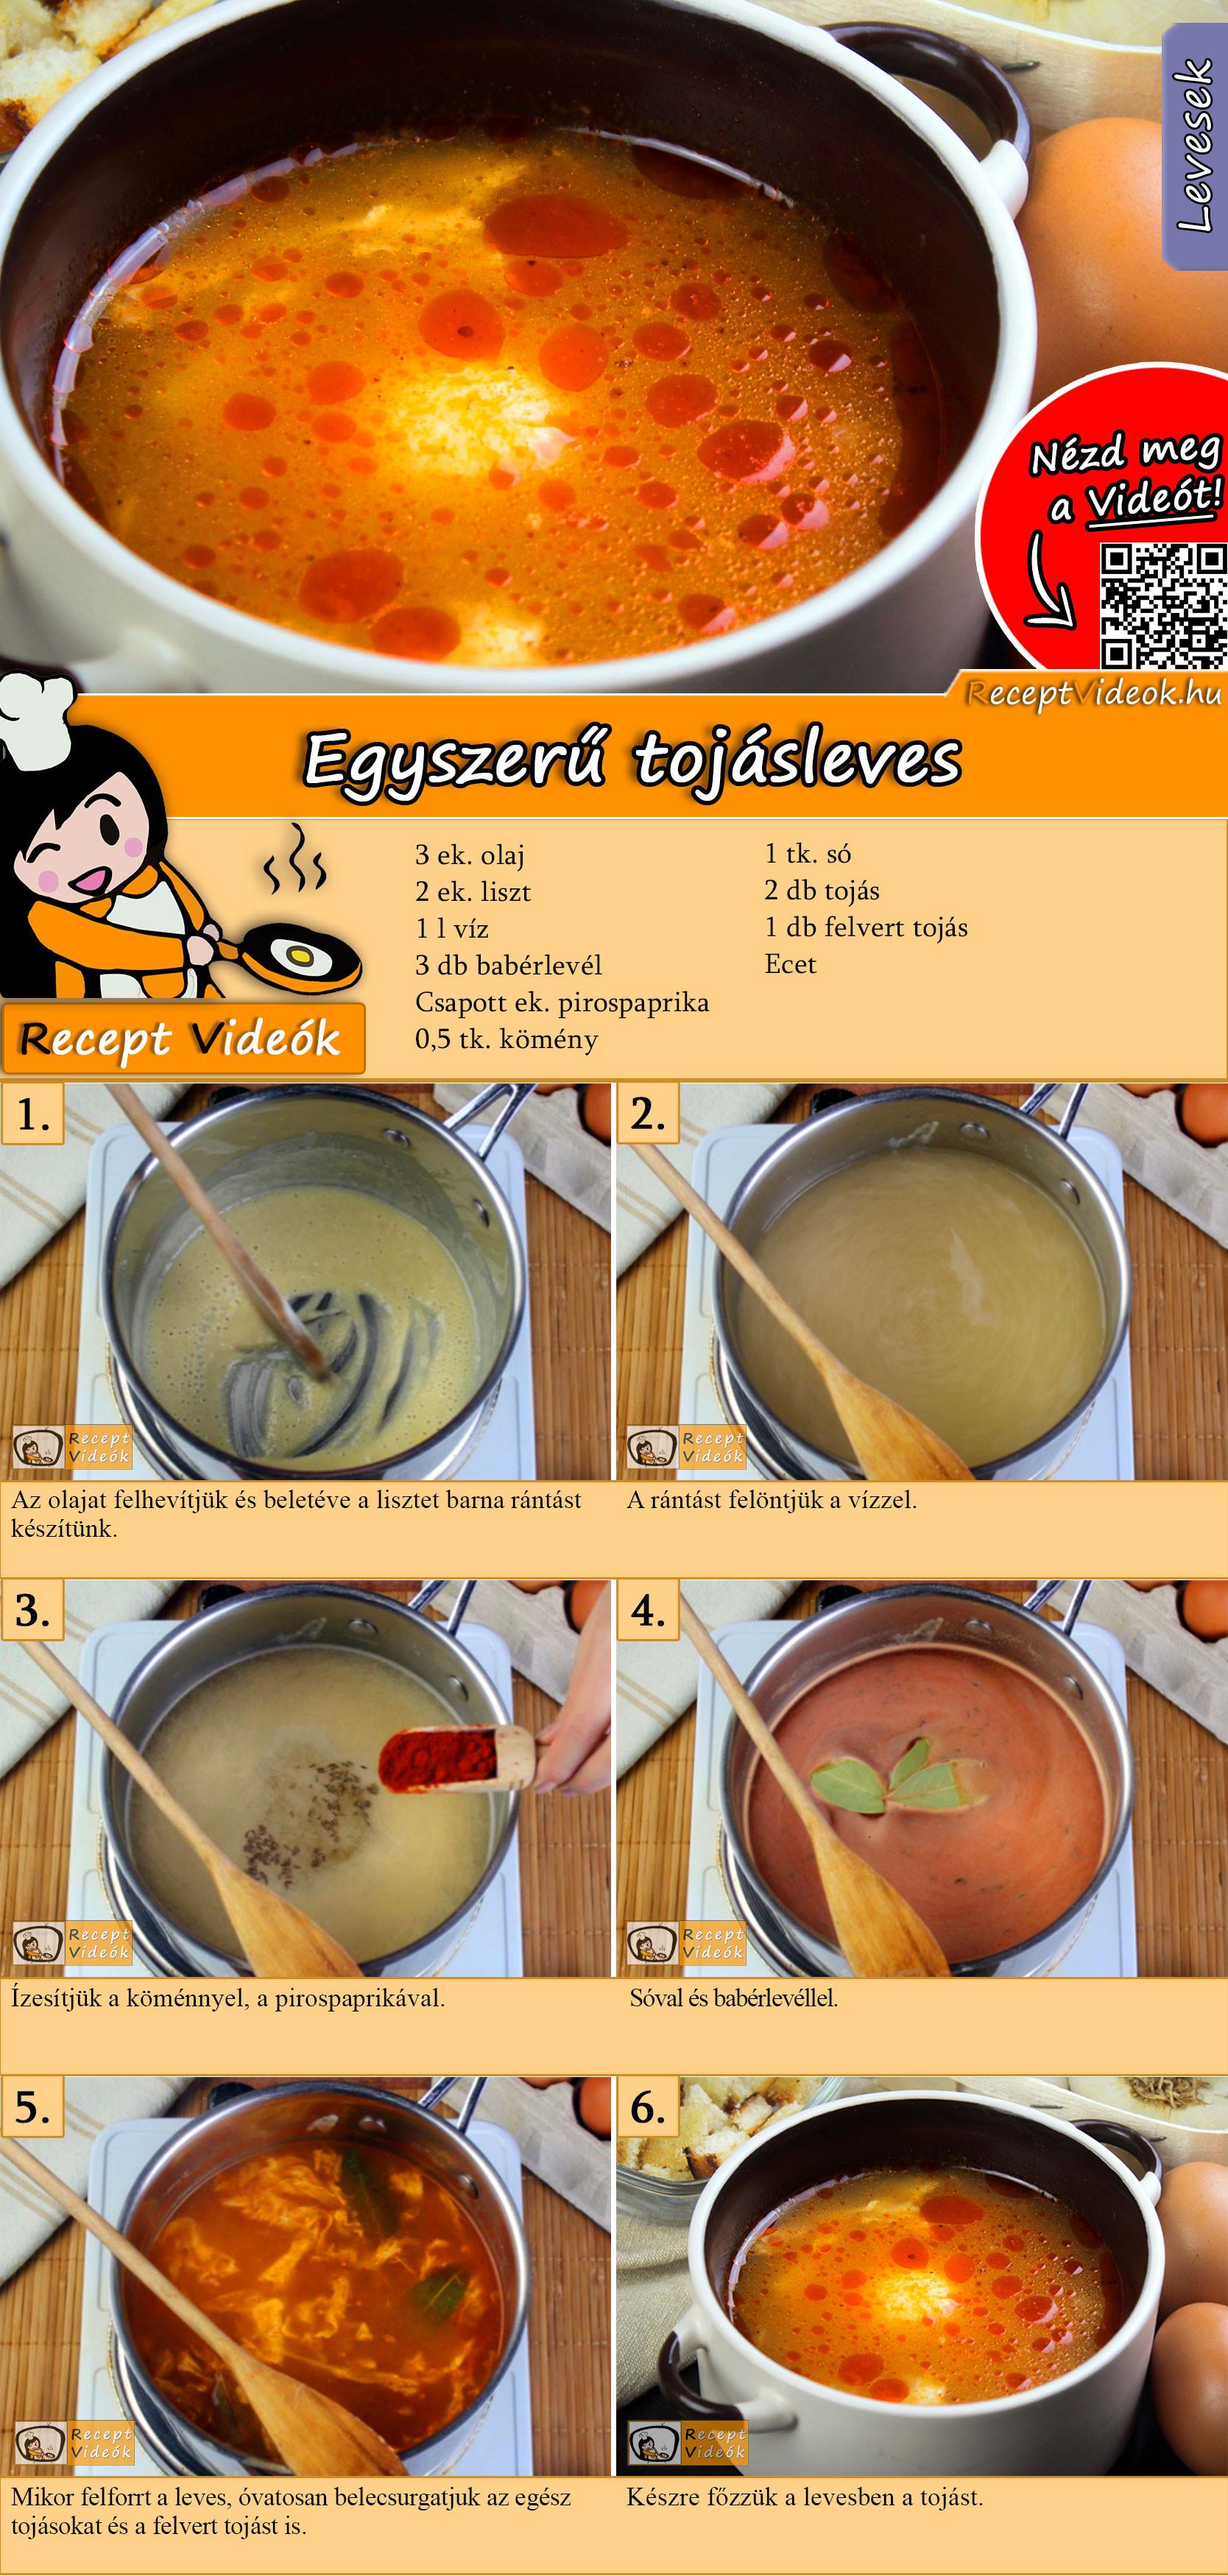 Egyszerű tojásleves recept elkészítése videóval